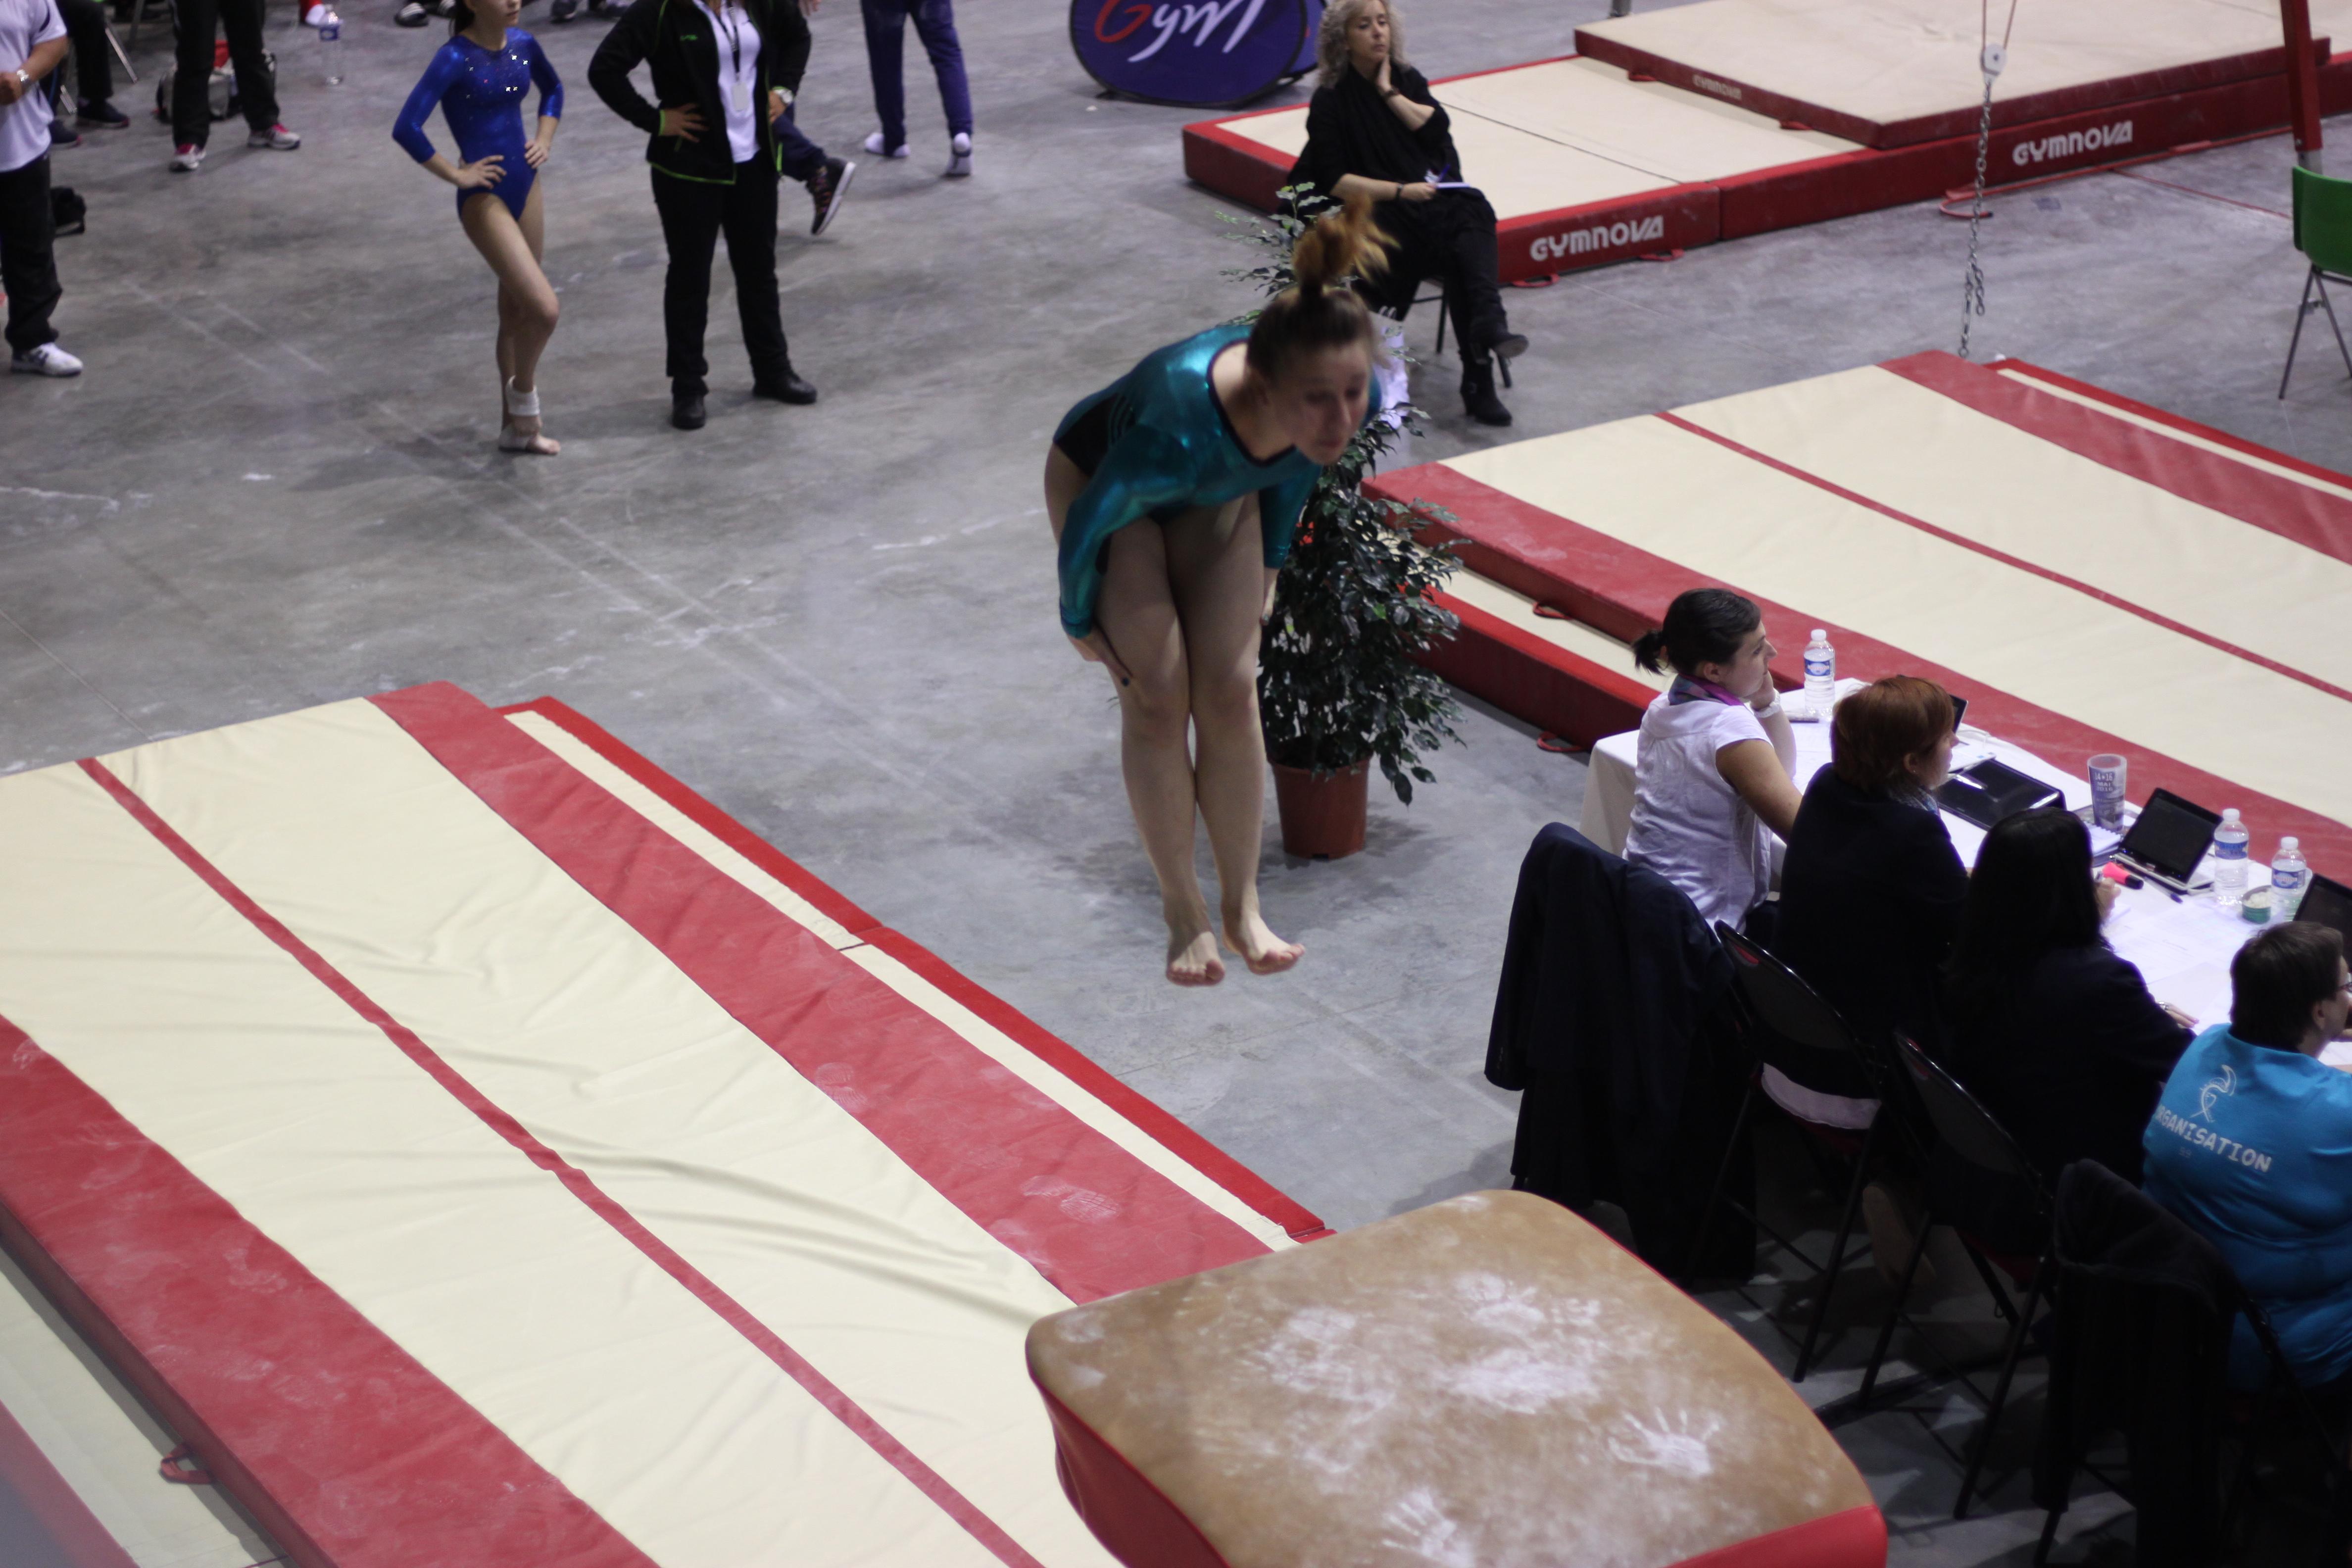 Ella saut (10)